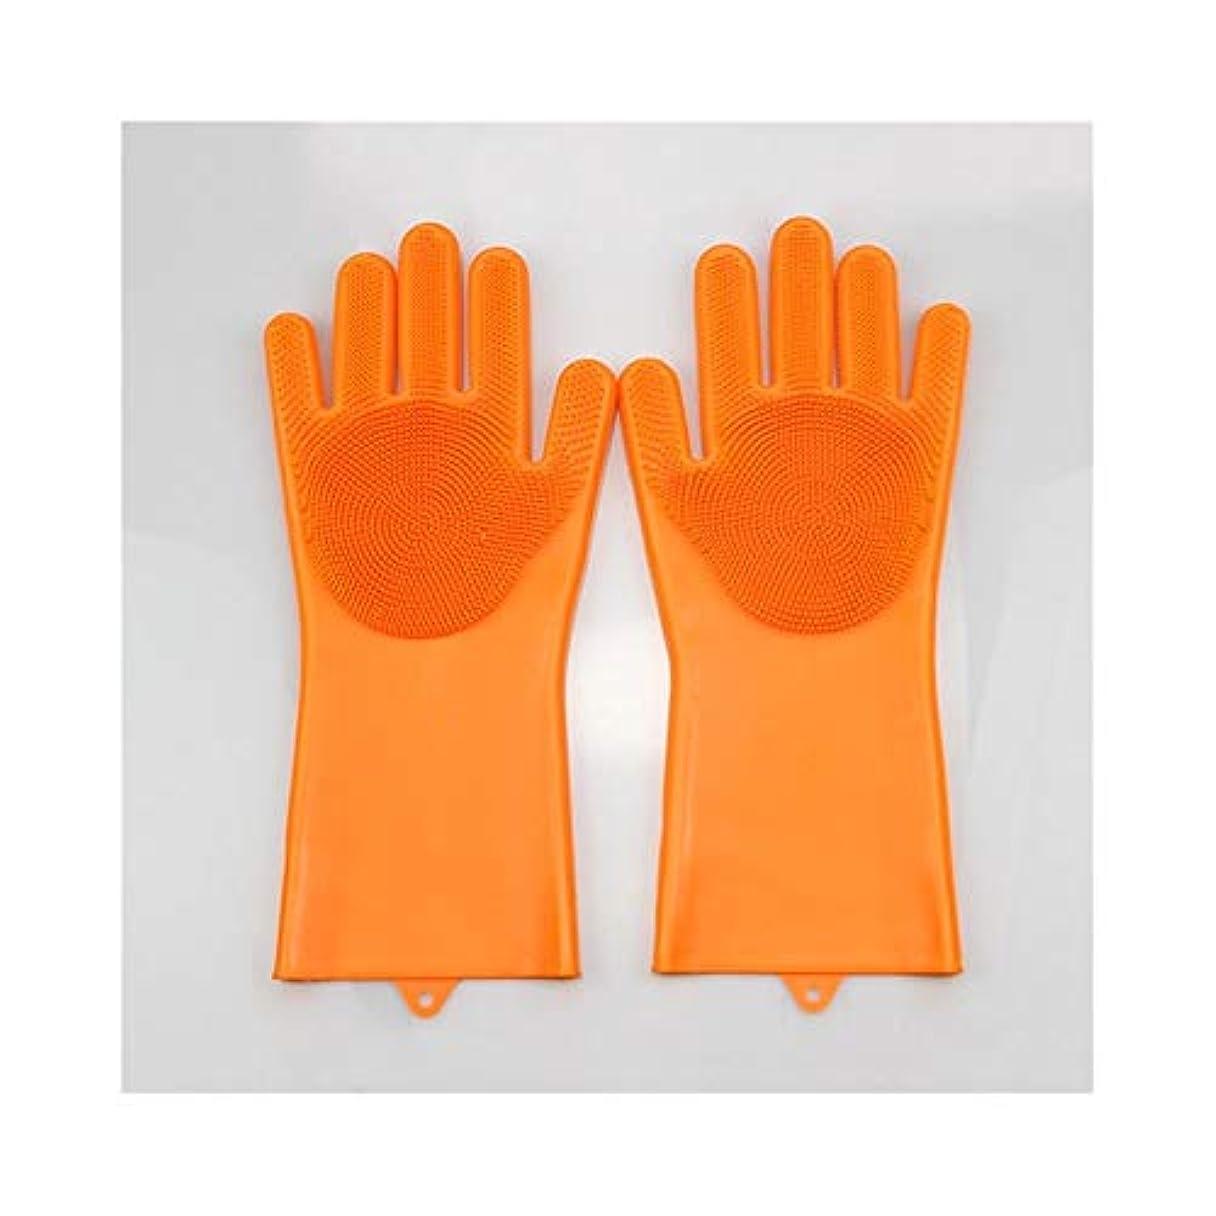 熱望する小人韓国BTXXYJP キッチン用手袋 手袋 掃除用 ロング 耐摩耗 食器洗い 作業 掃除 炊事 食器洗い 園芸 洗車 防水 手袋 (Color : Orange, Size : L)